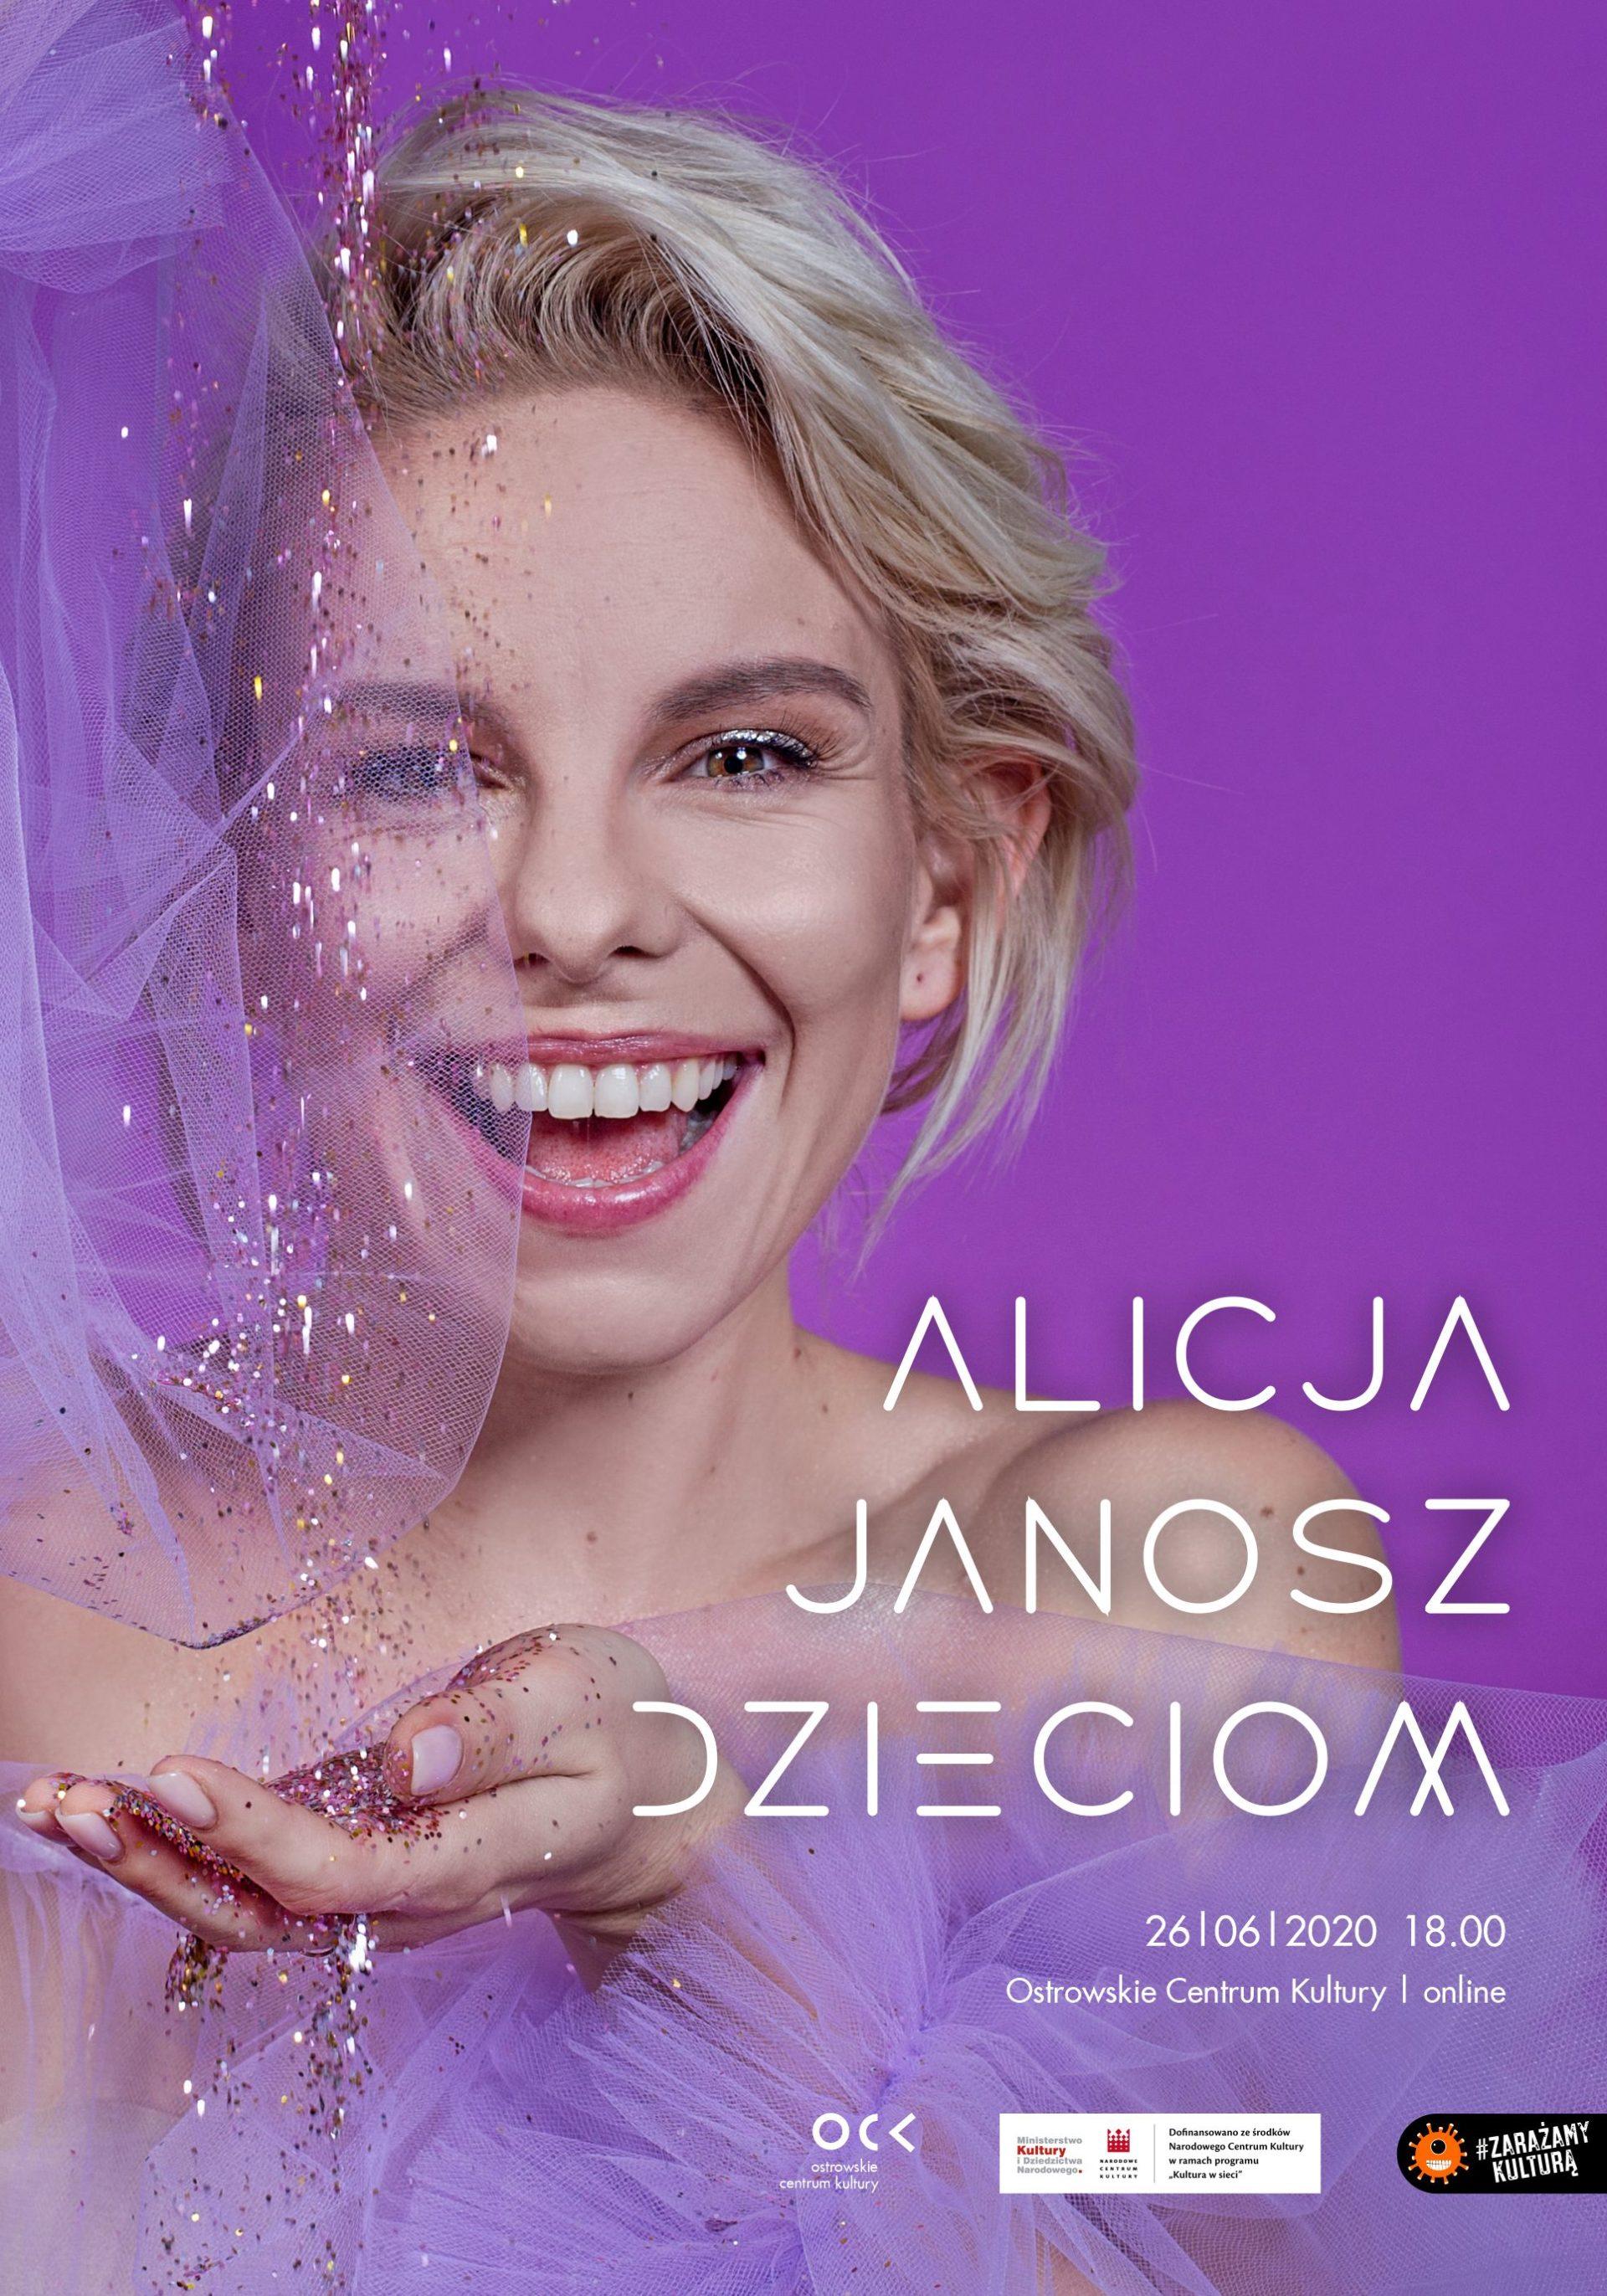 Alicja Janosz Dzieciom